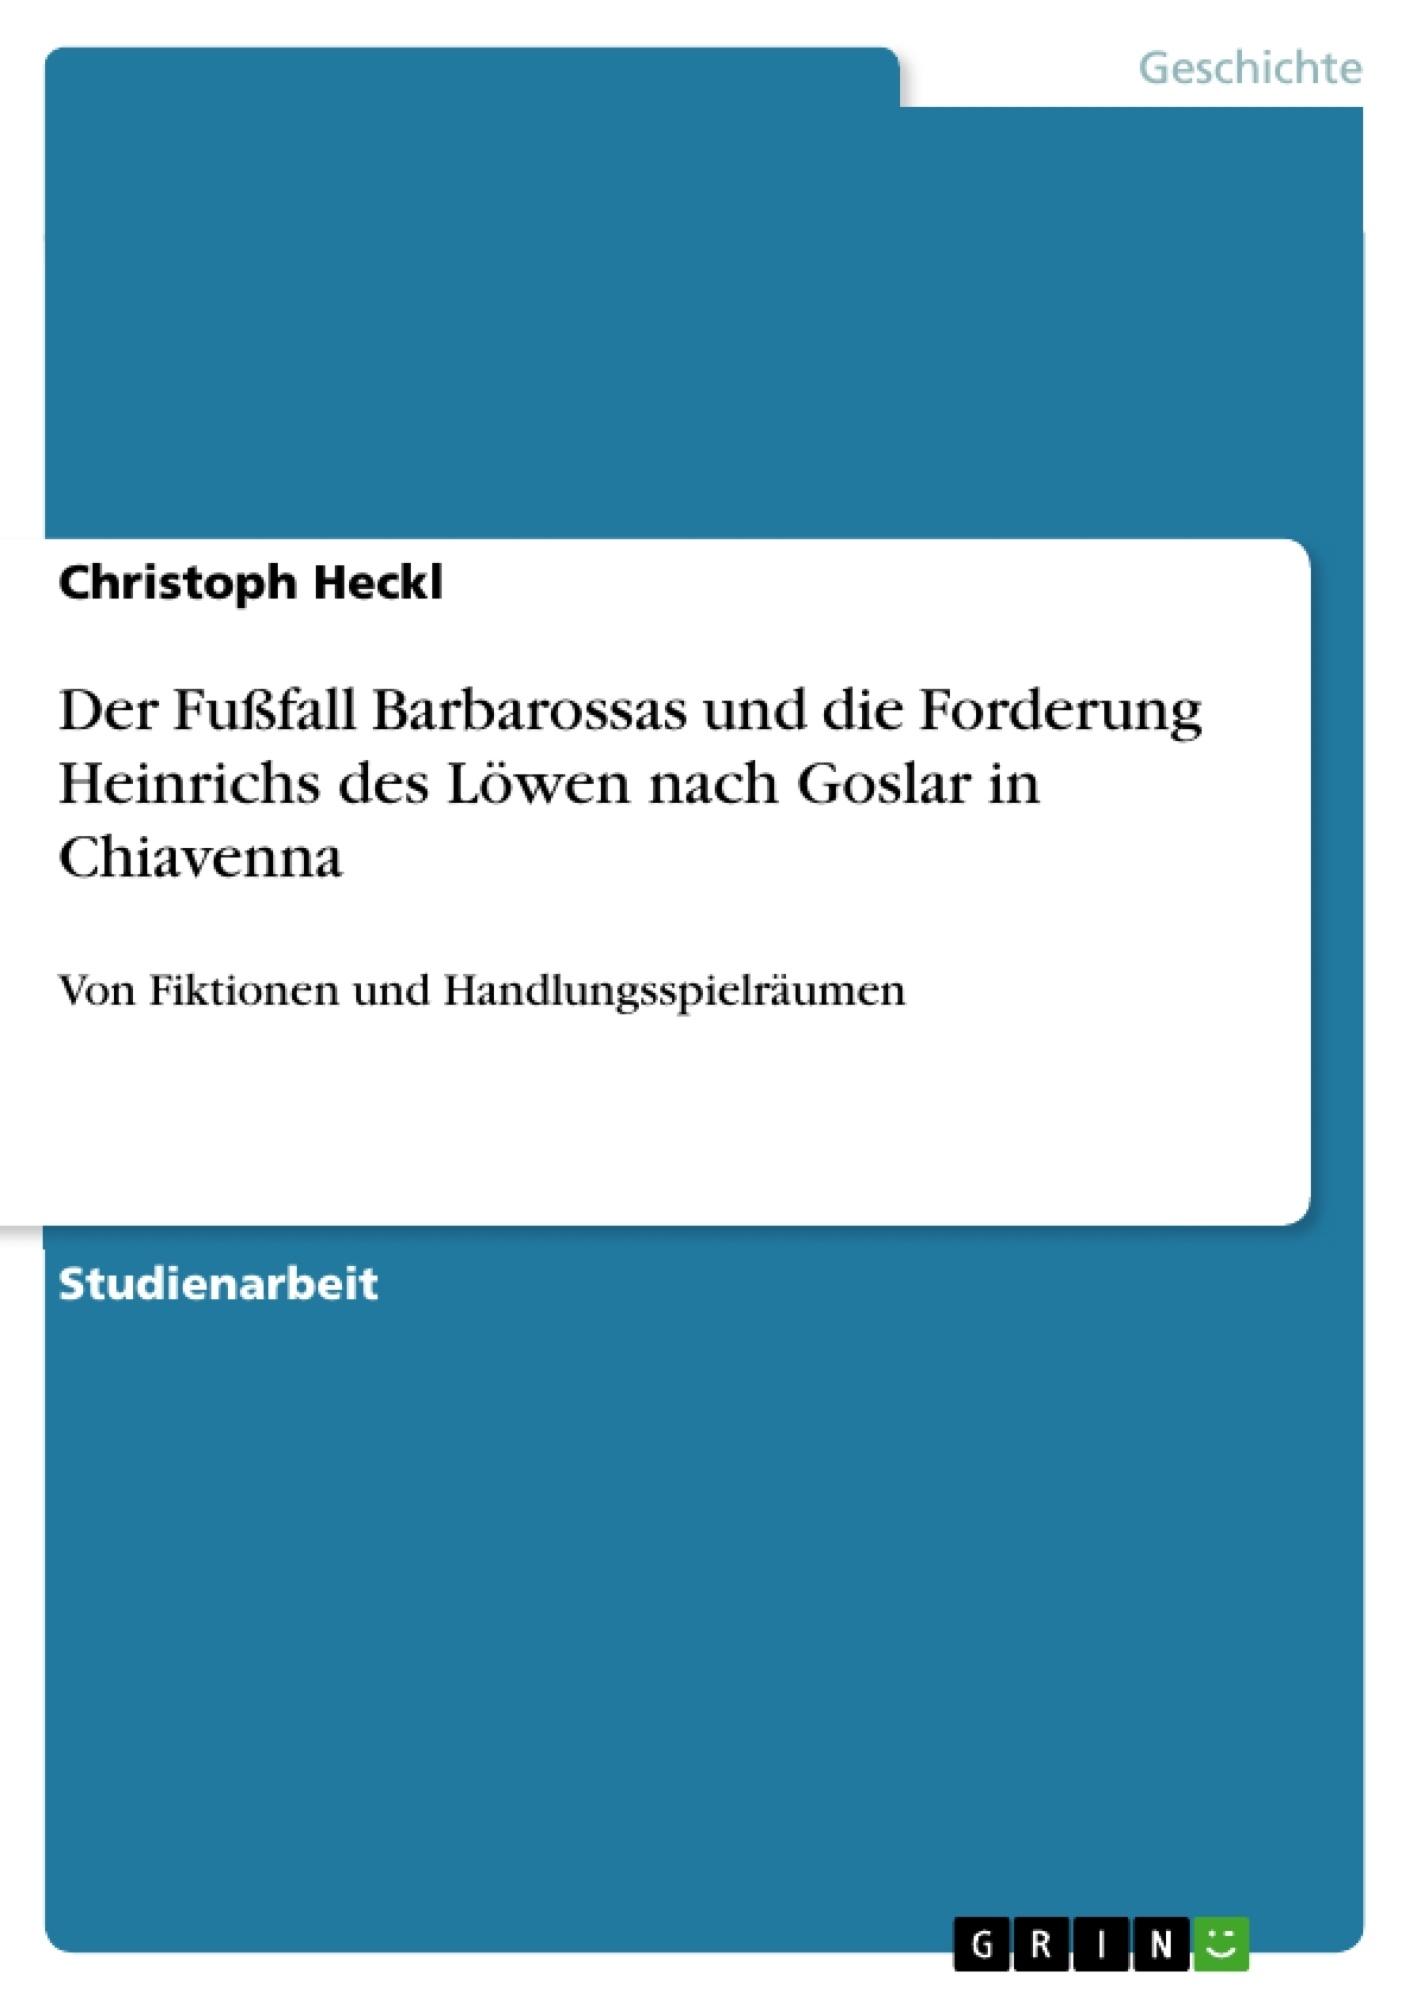 Titel: Der Fußfall Barbarossas und die Forderung Heinrichs des Löwen nach Goslar in Chiavenna